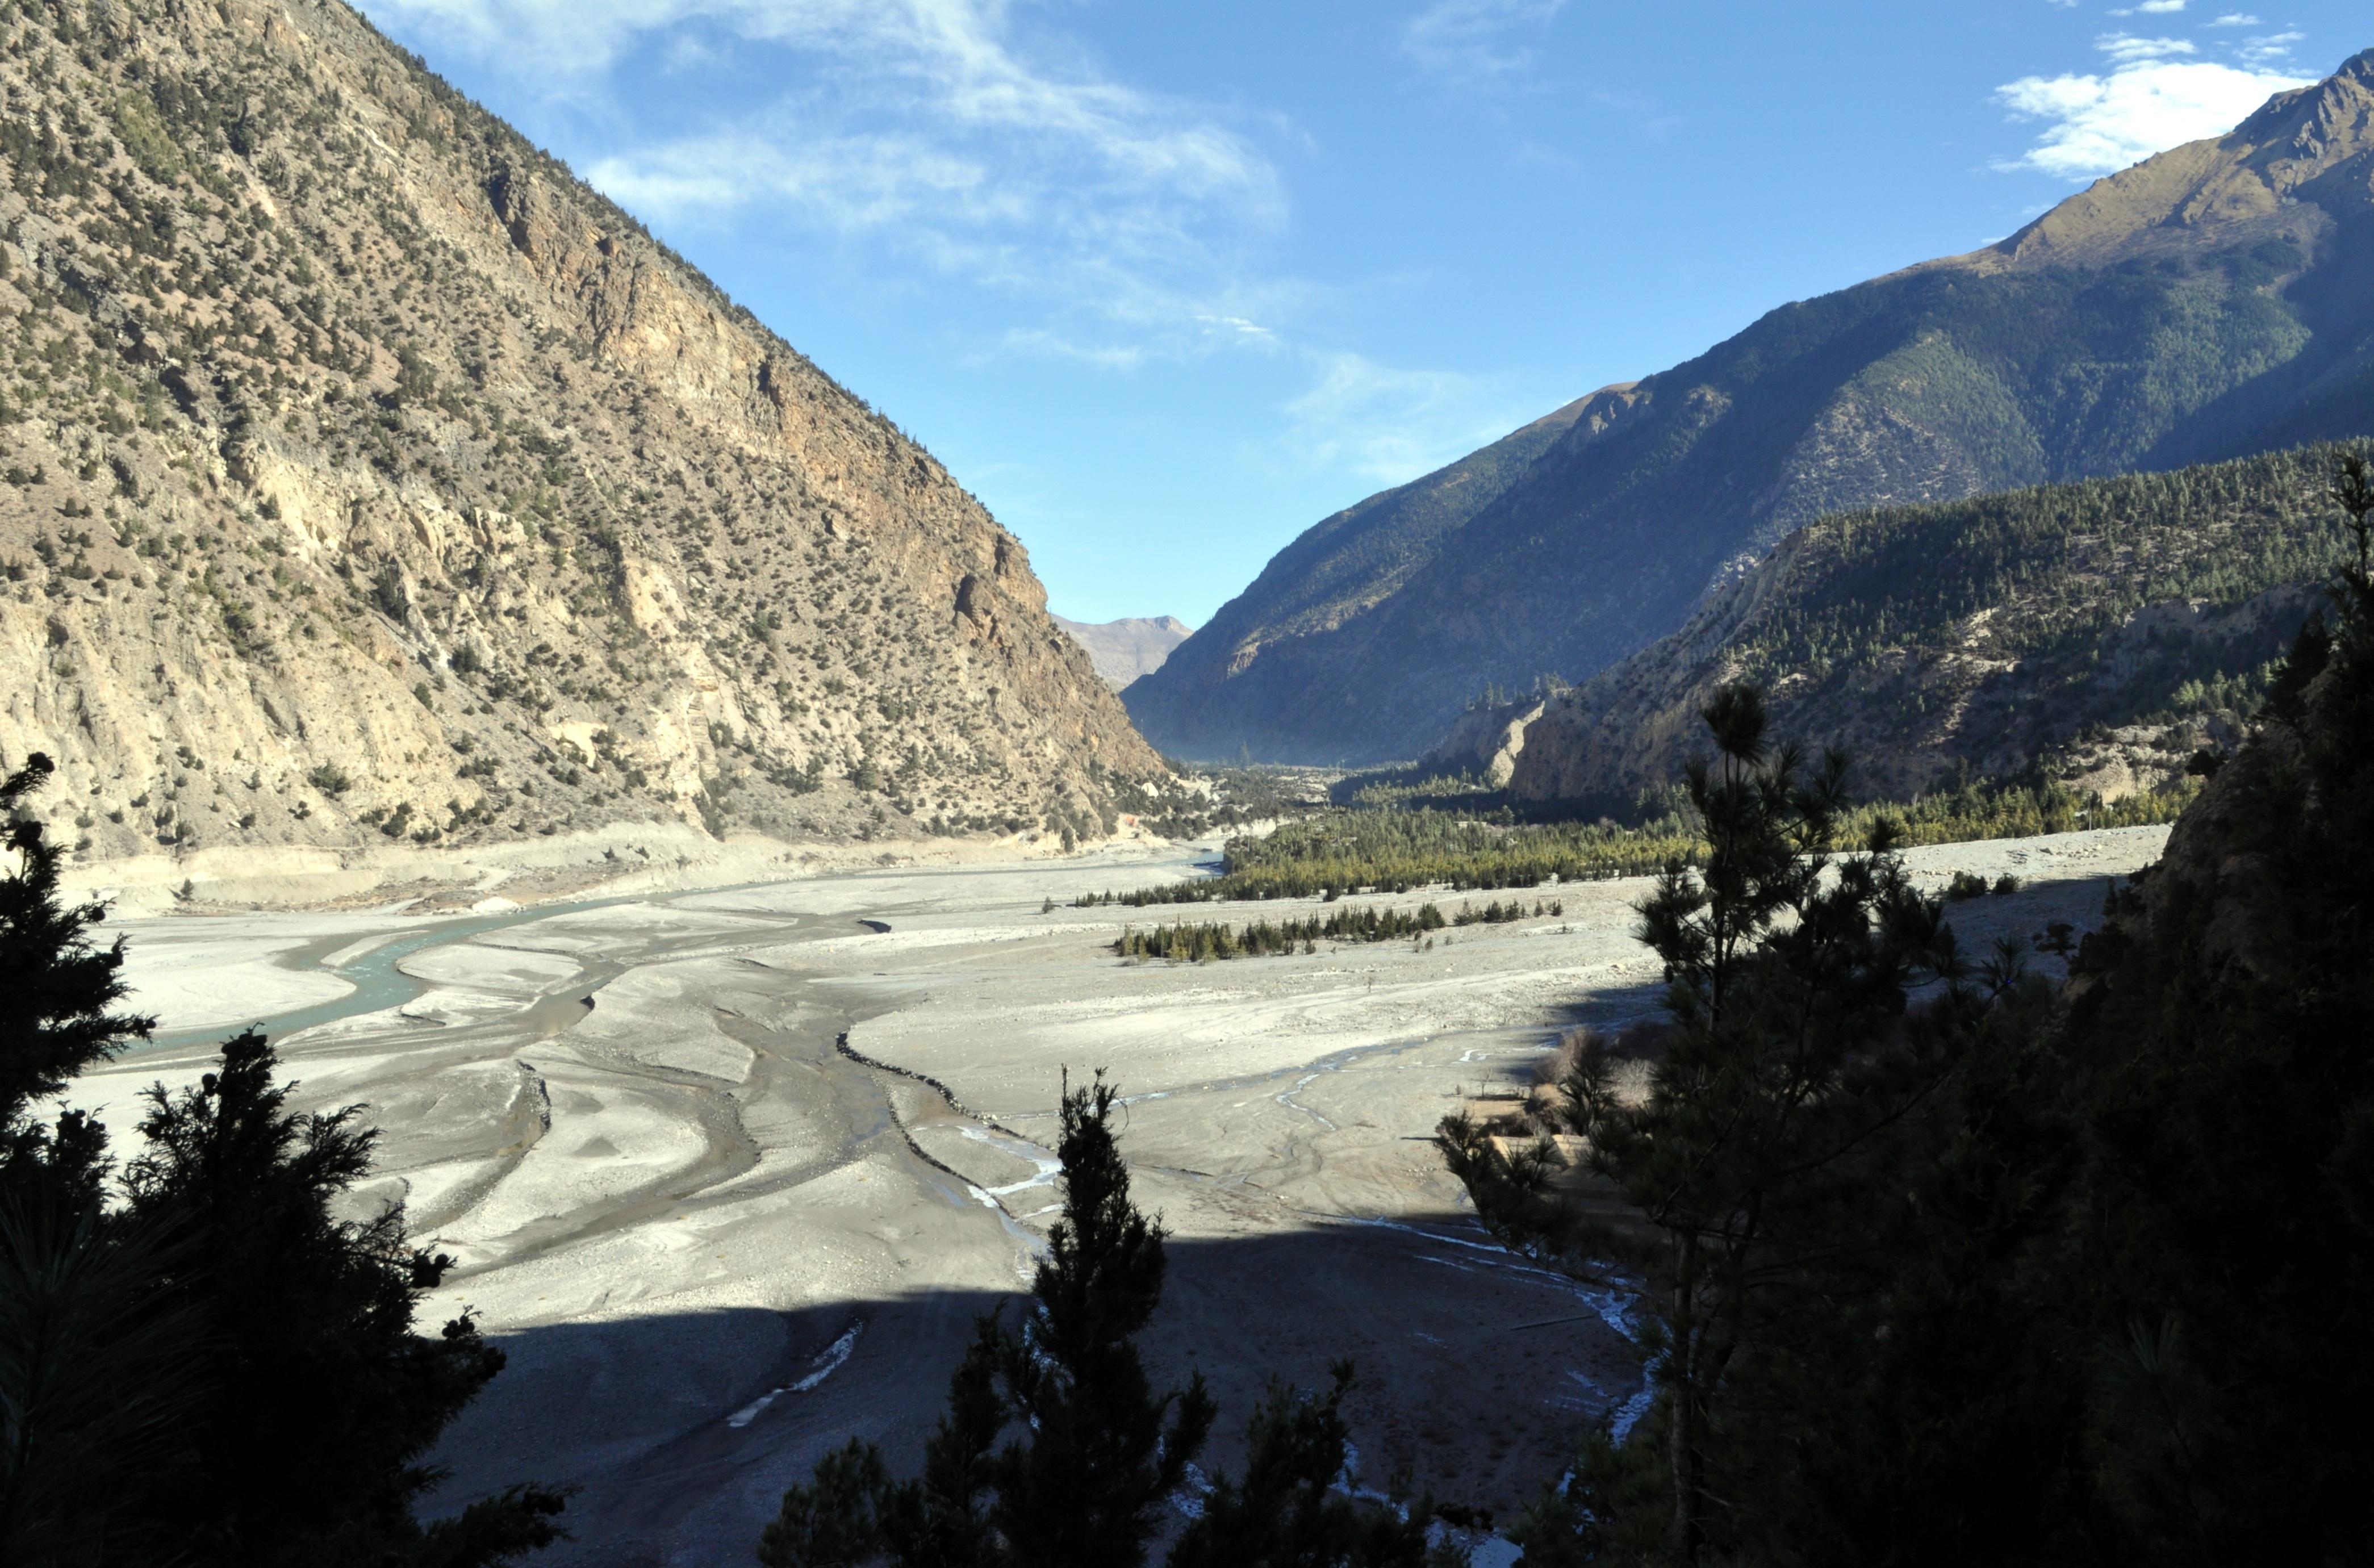 la valle del Kali Gandaki, qui ampia e ...ventosa!